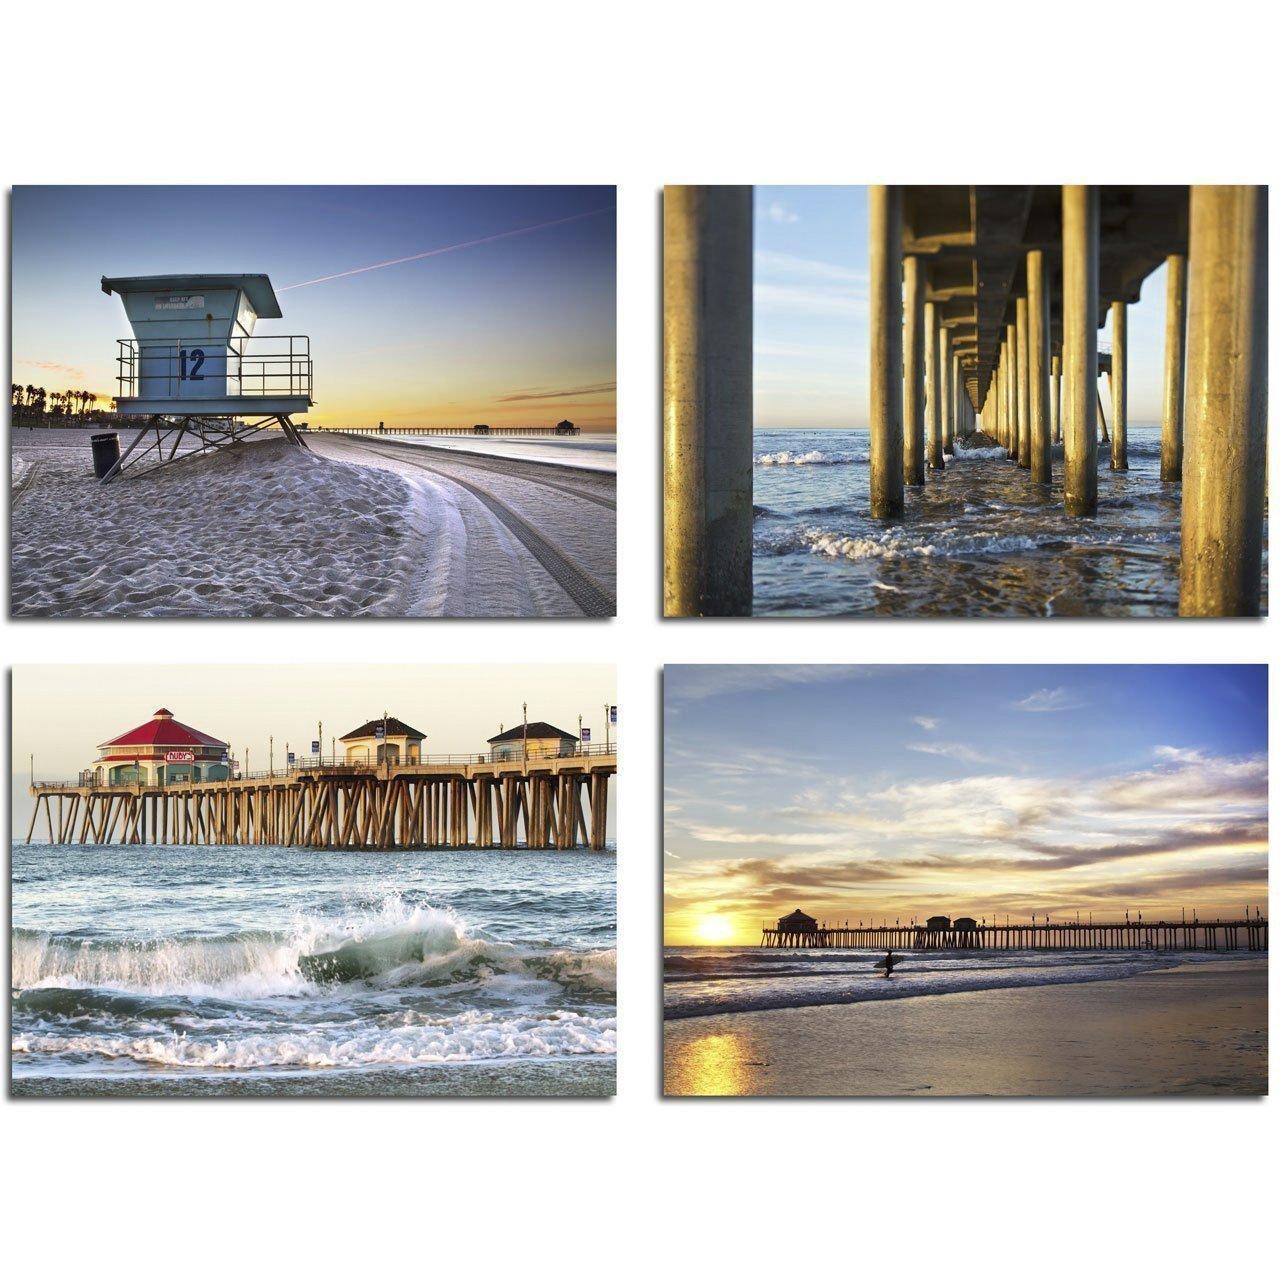 5x7 inch Huntington Beach Prints - Set of Four Photos -